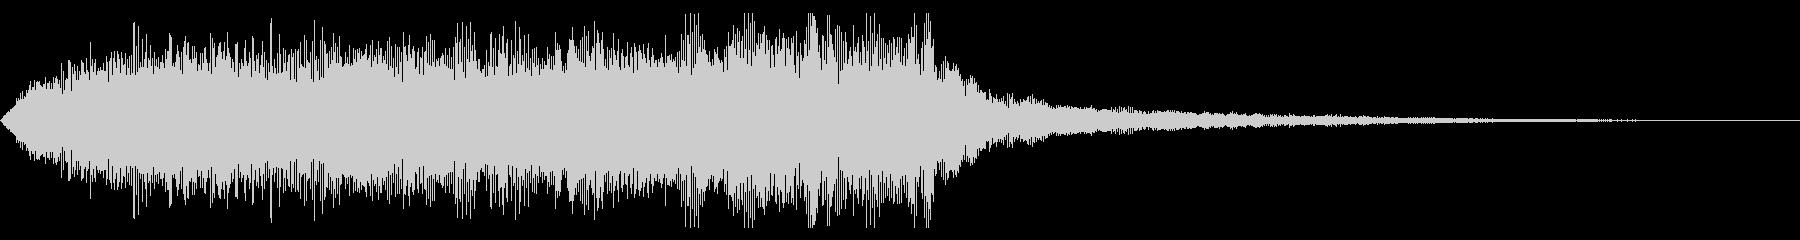 コーラス パイプオルガン 厳か シンプルの未再生の波形